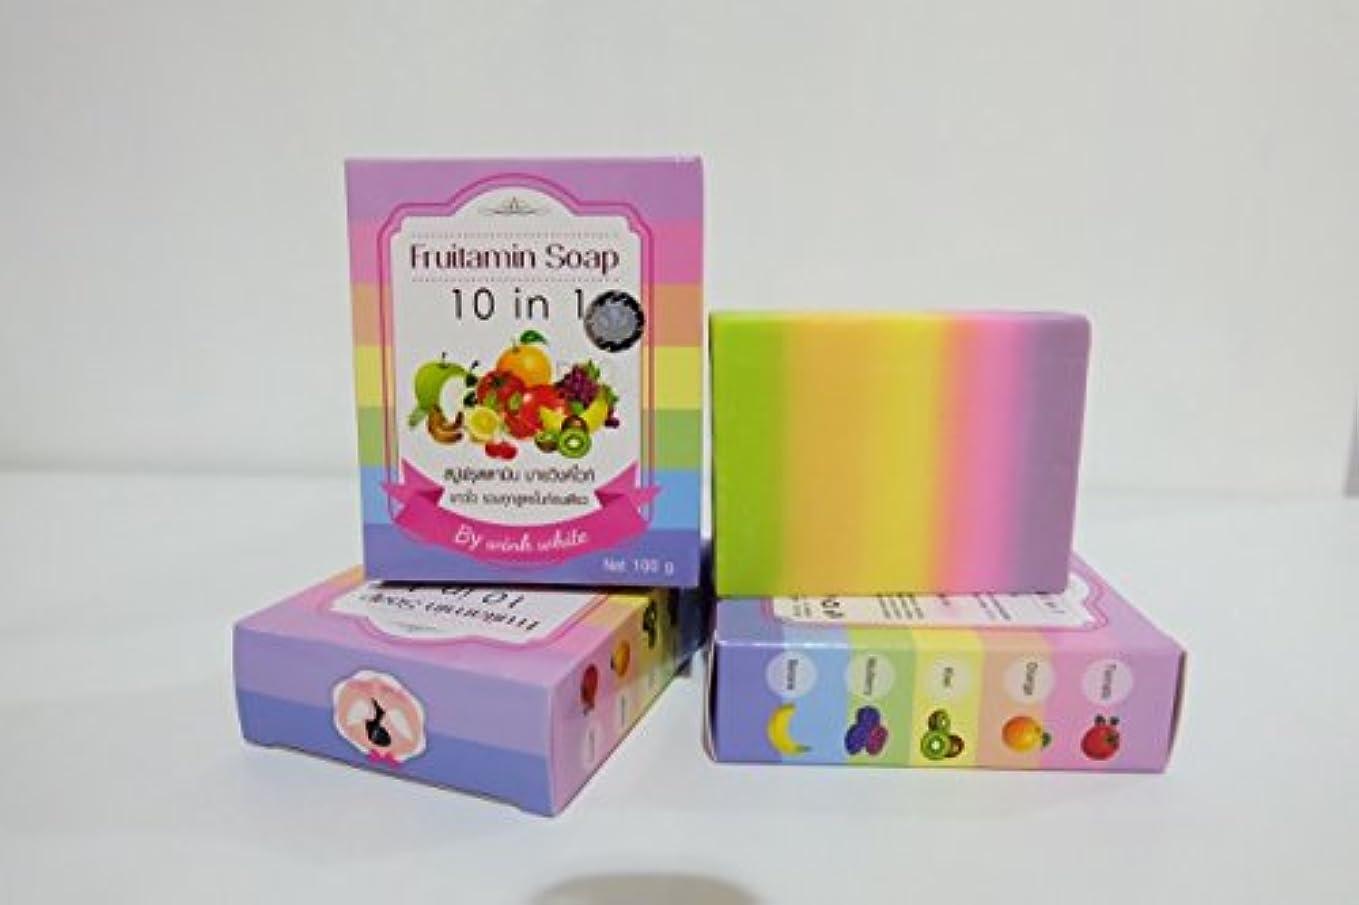 のみ独特のステーキFRUITAMIN SOAP 10 IN 1 soap jelly cubes single vitamins park headlights course. Whitening Soap. 100 g. Free Shipping.